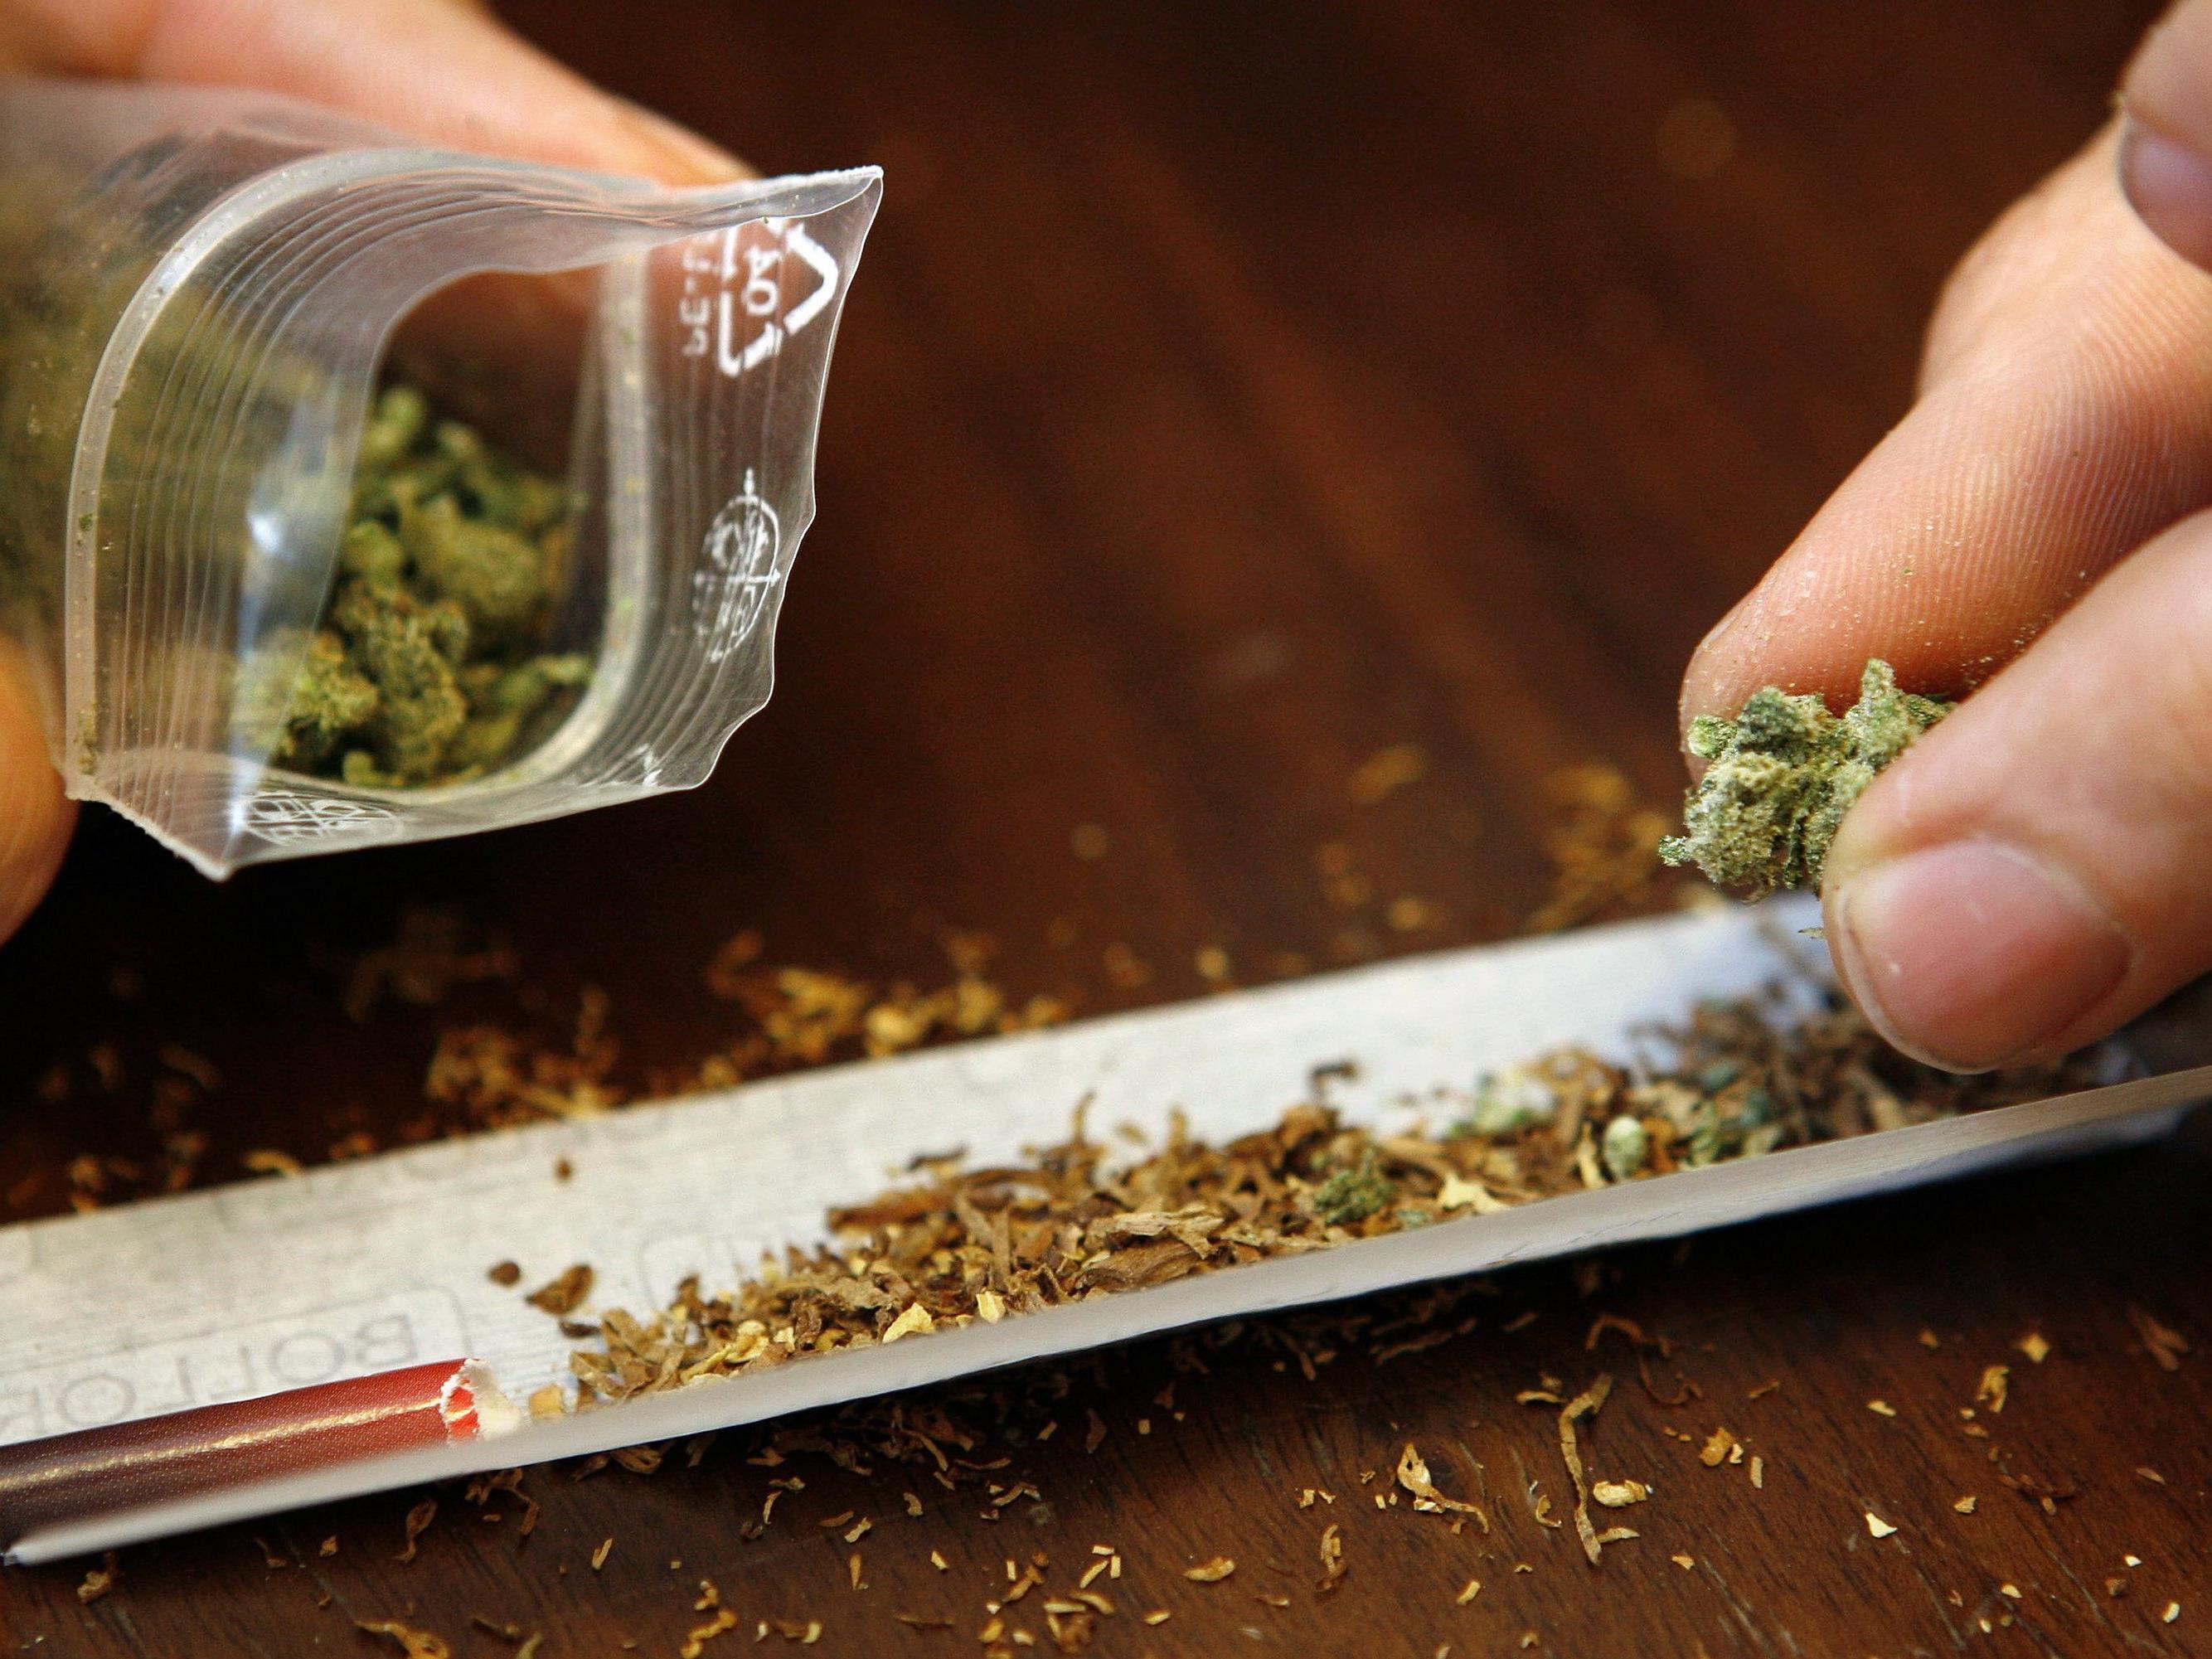 Ein 20-Jähriger wurde erneut wegen Drogenhandels verurteilt.